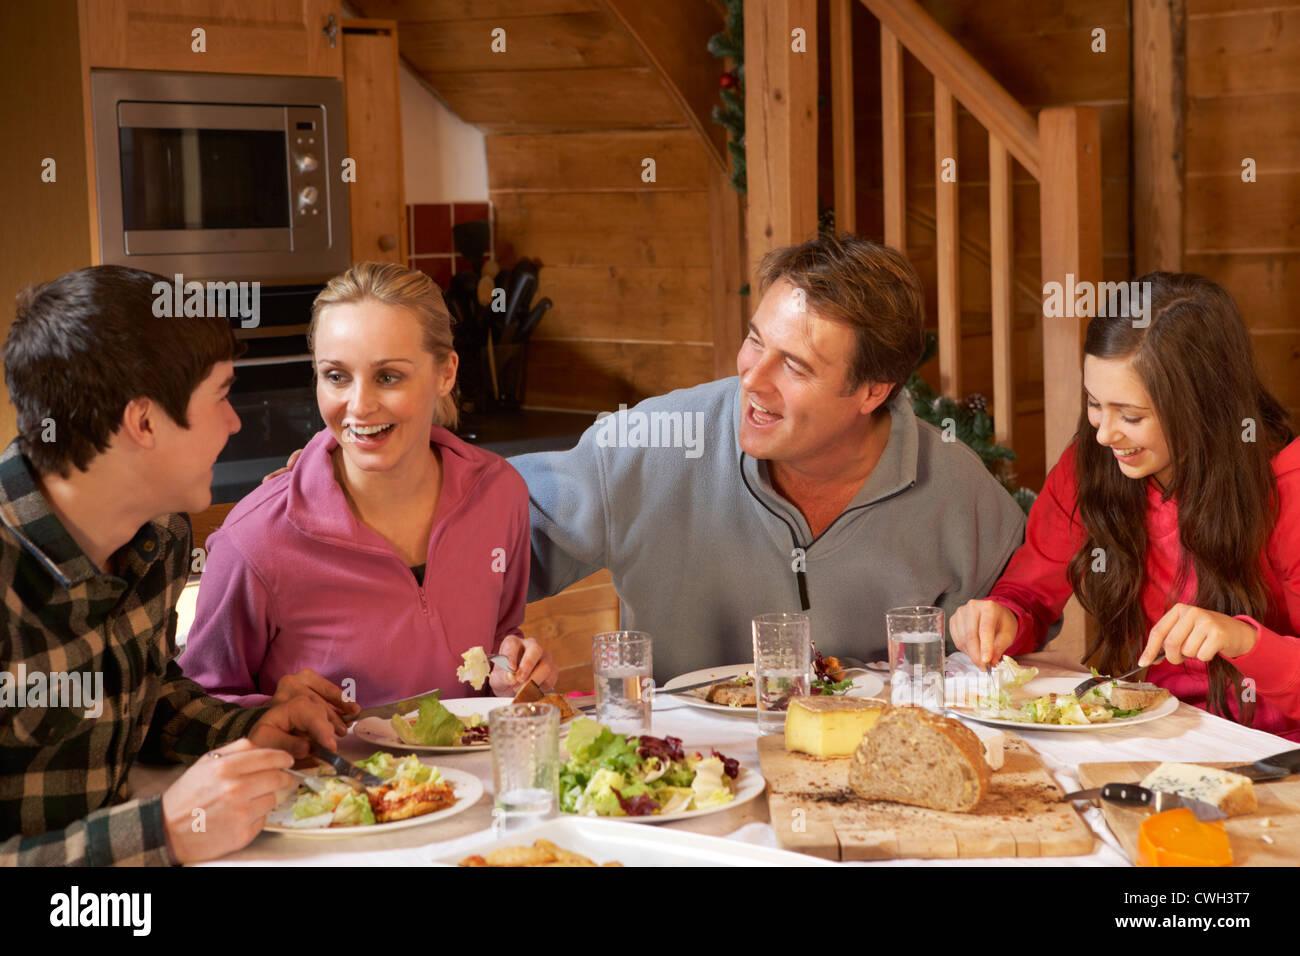 Familia adolescentes disfrutando de comida en chalet alpino juntos Imagen De Stock